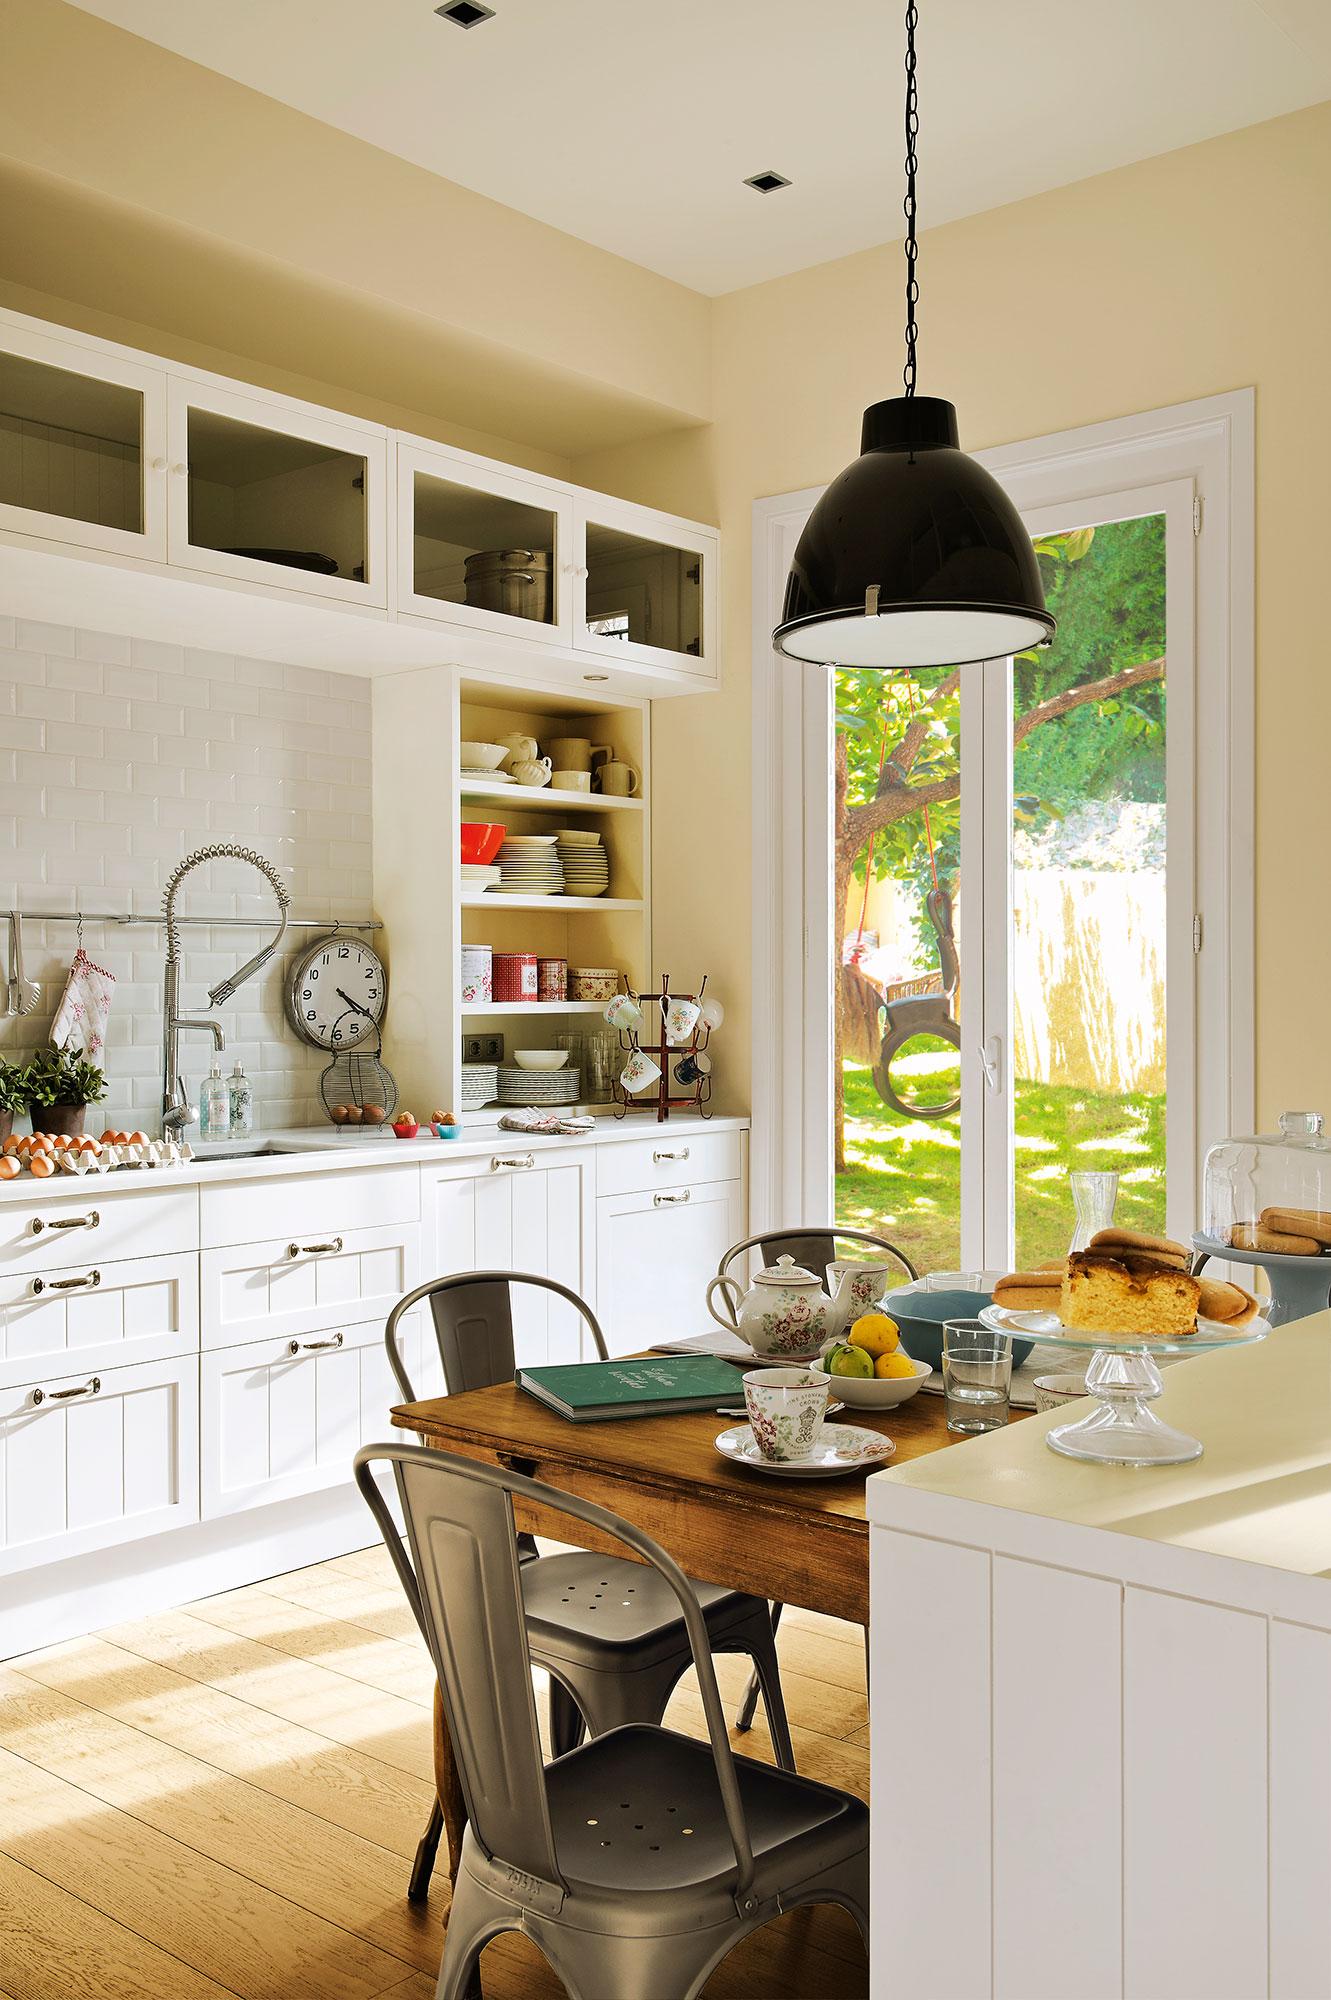 Renovar la cocina sin obras 10 reformas low cost for Como renovar una cocina sin obras